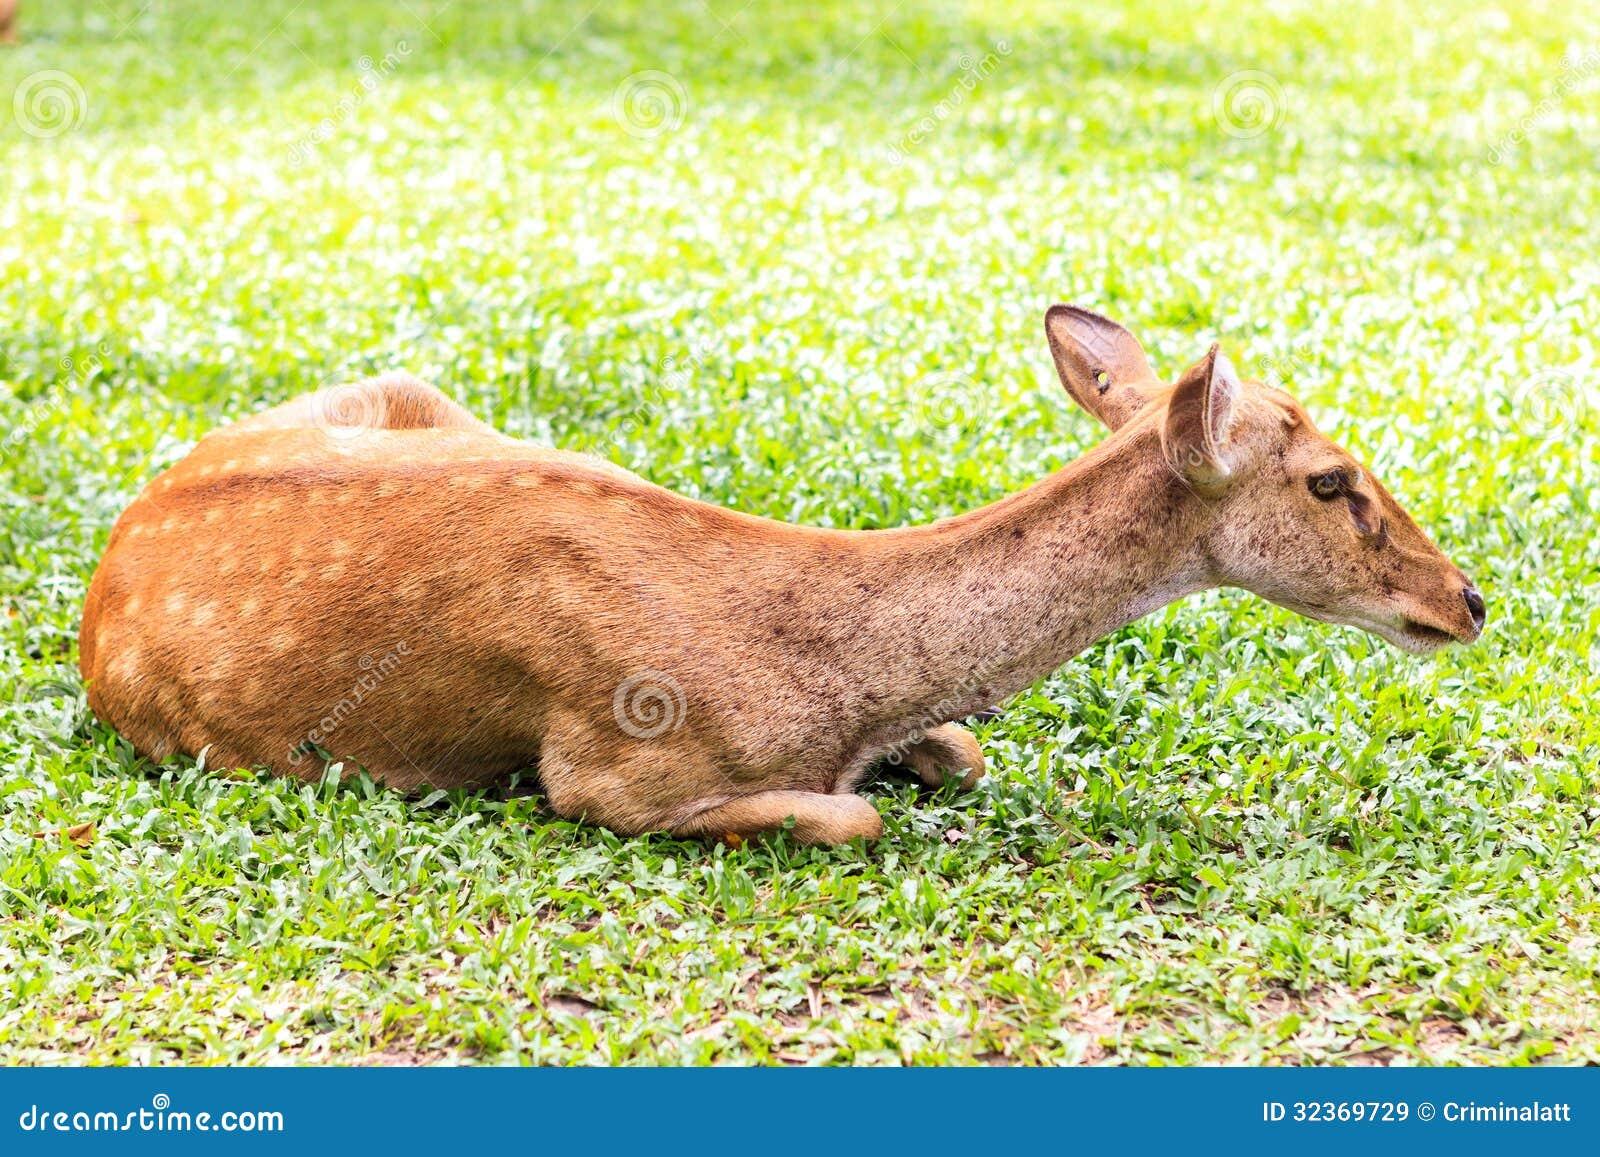 weibliche antilope auf dem boden stockbild bild von frau wild 32369729. Black Bedroom Furniture Sets. Home Design Ideas